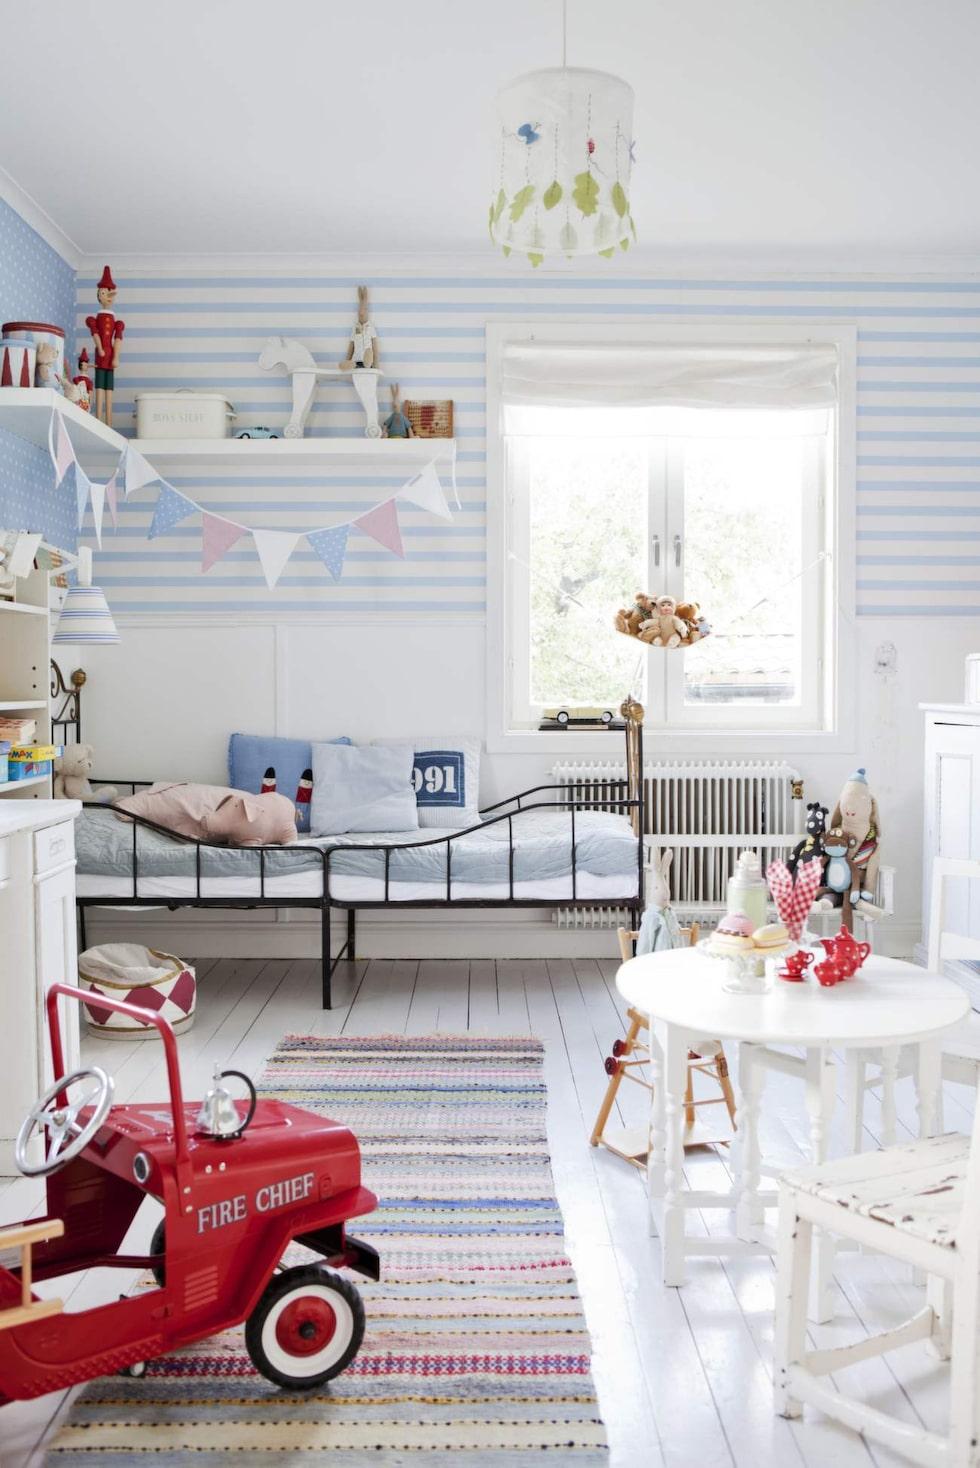 Randigt på väggar och golv. Trasmatta och äldre stålsäng. Stor leksaksbil av plåt är både leksak och prydnad i rummet.